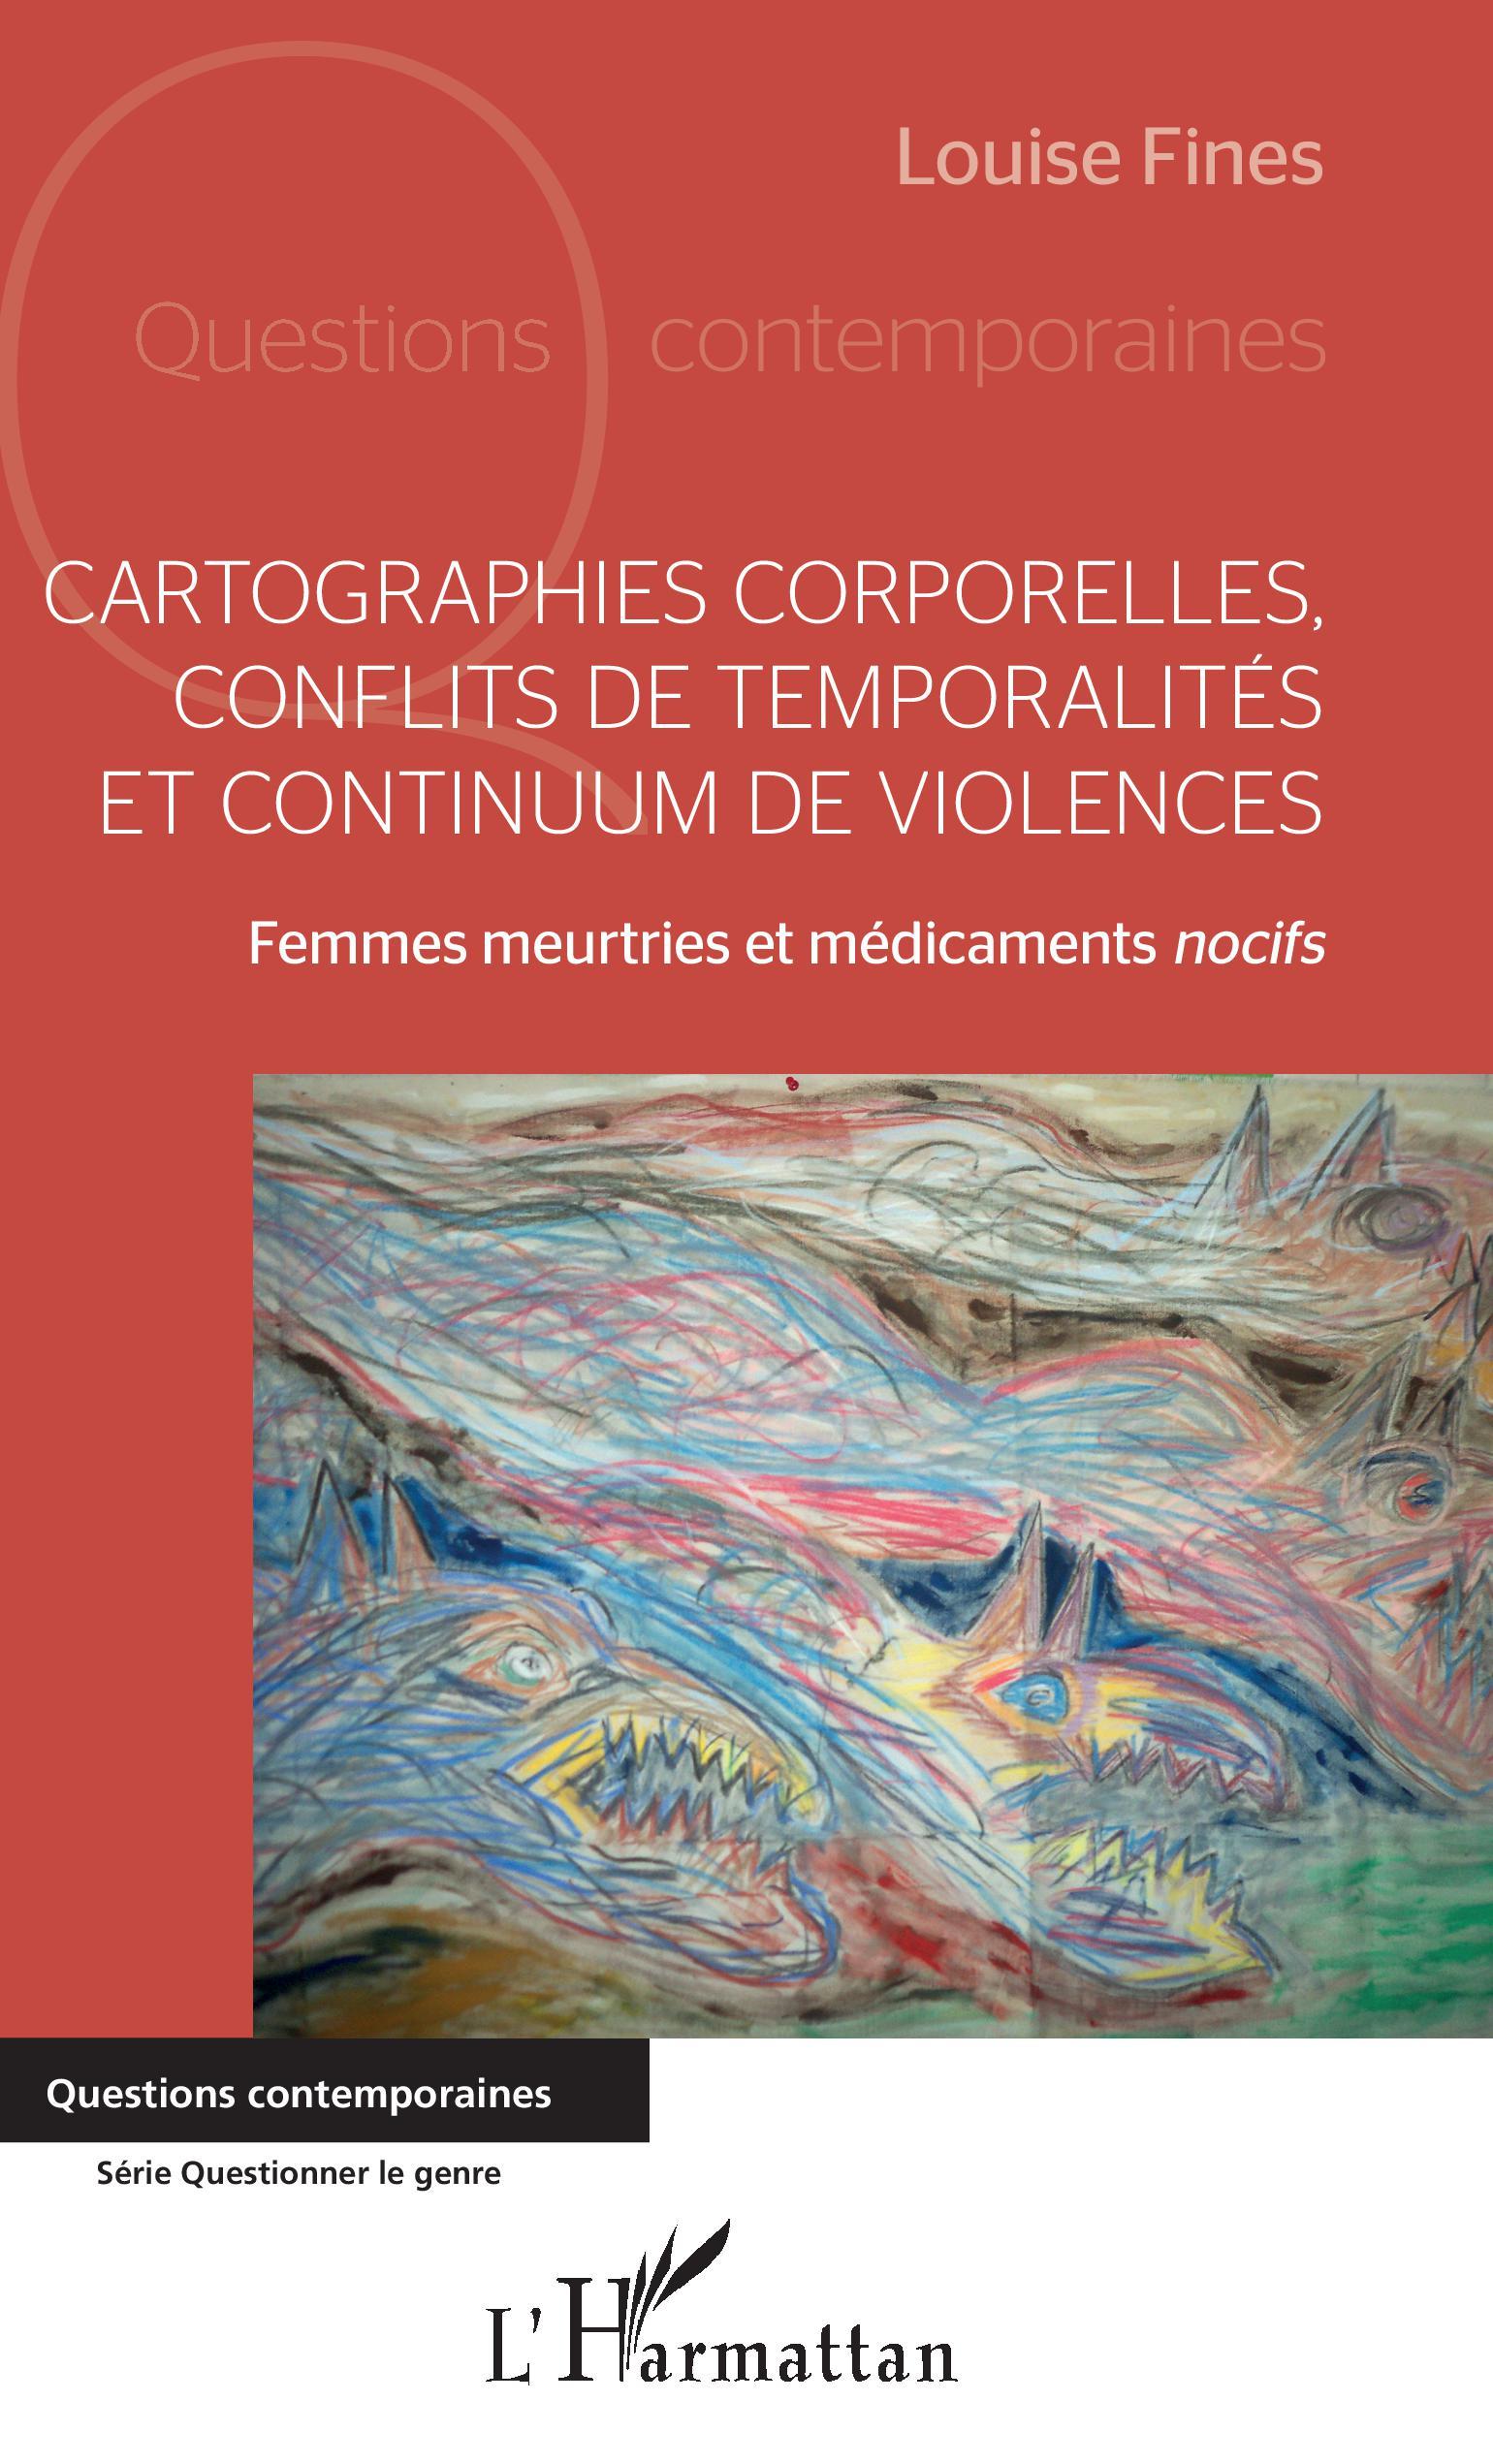 Book cover: Cartographies corporelles, conflits de temporalités et continuum de violences : Femmes meurtries et médicaments nocifs.